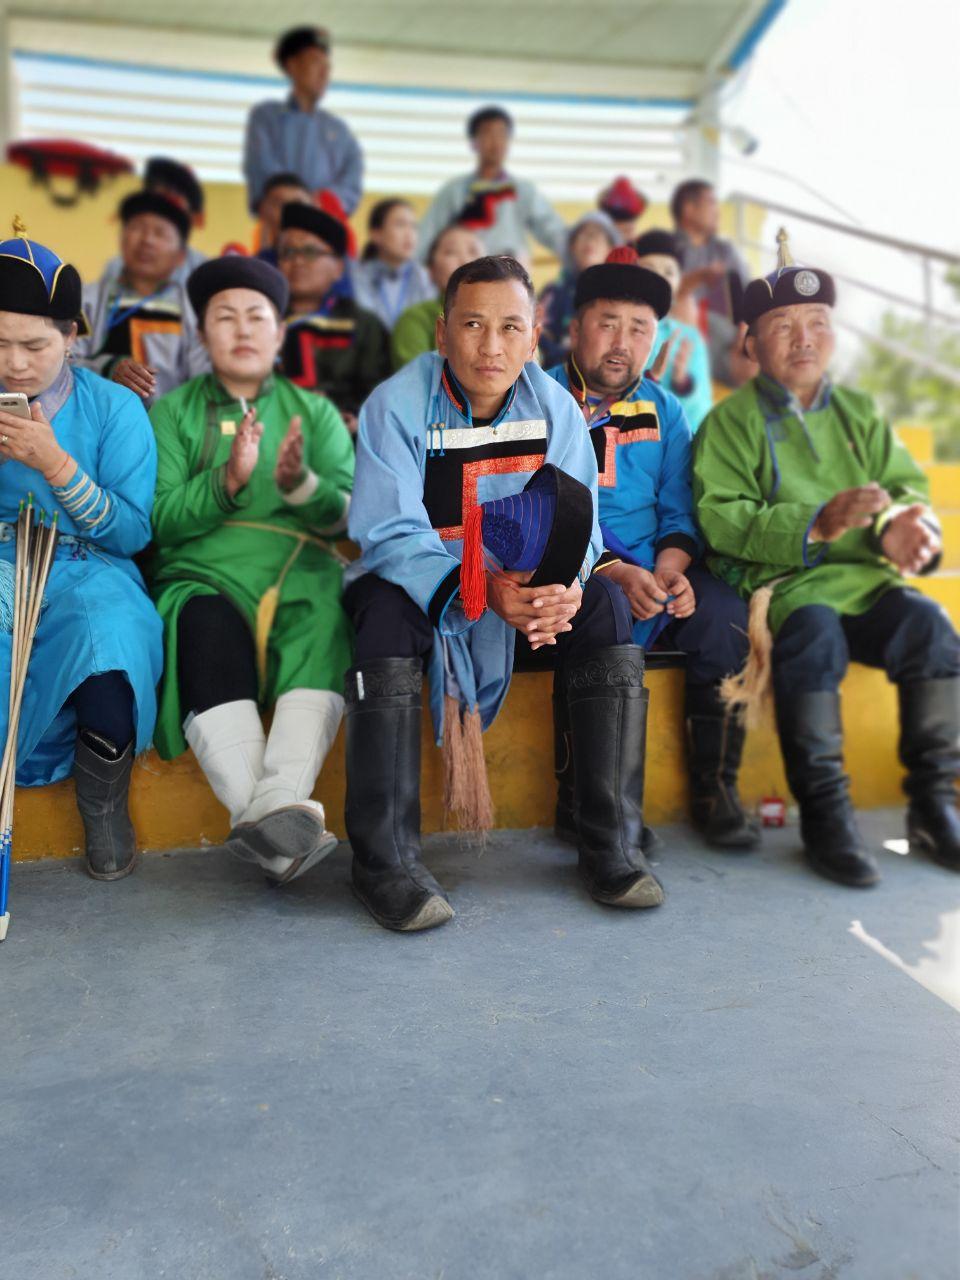 Masyarakat Mongol yang bangga dengan pakaian tradisionalnya | Akhyari Hananto